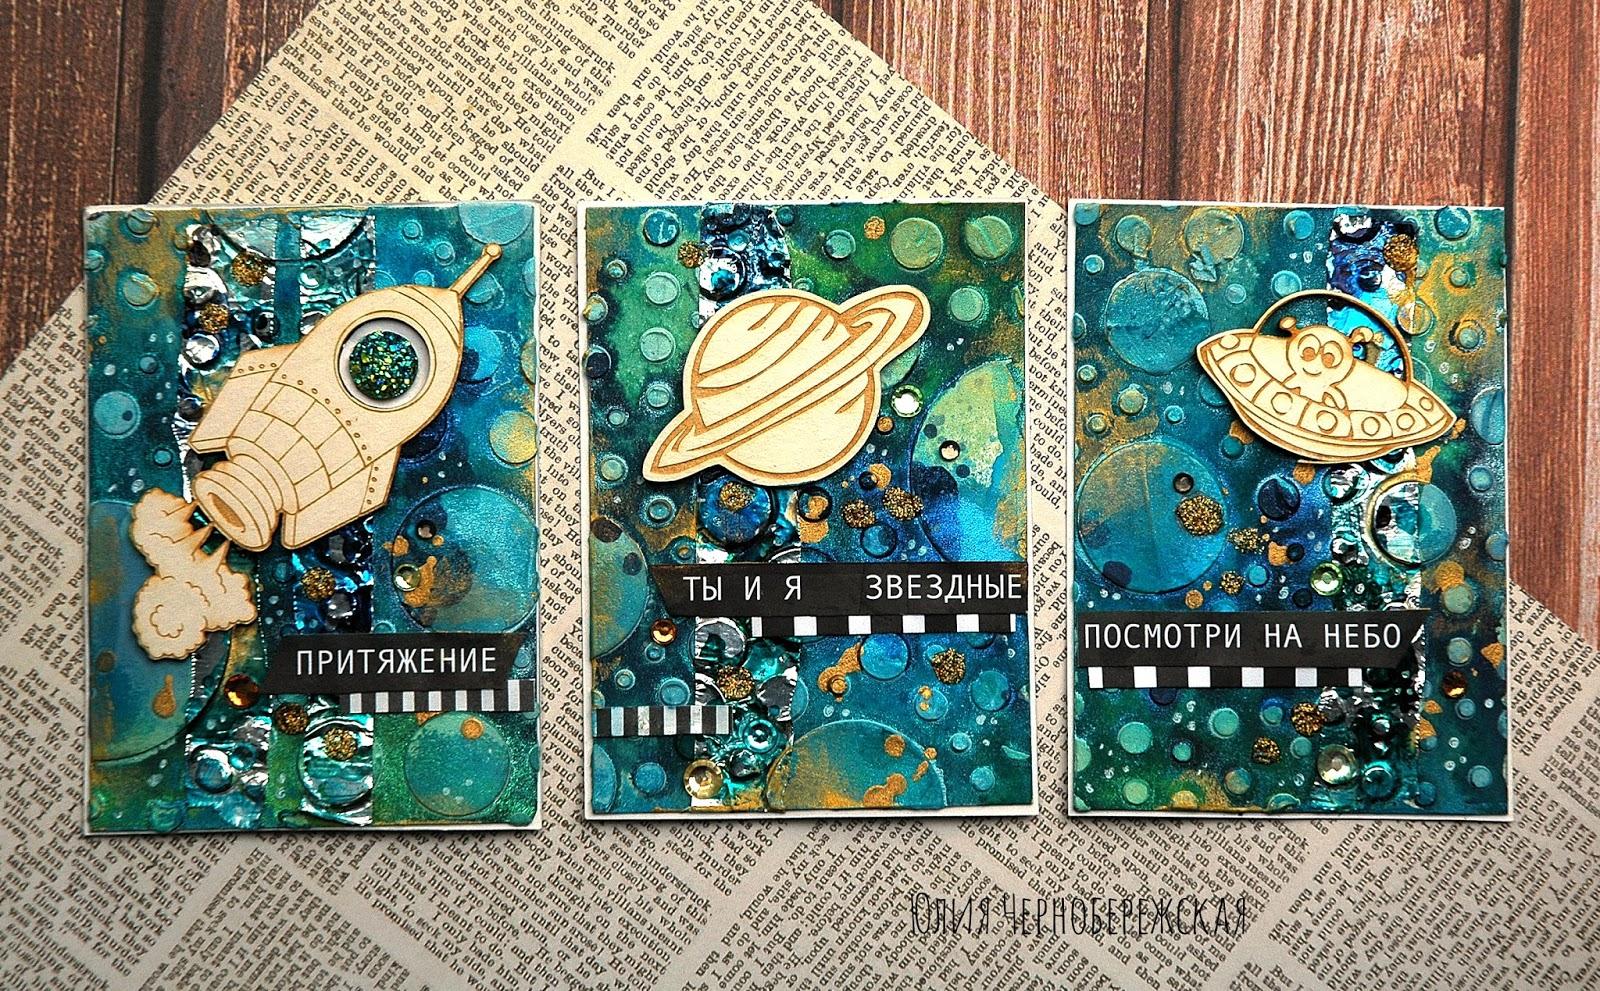 Гифка, космические открытки скрапбукинг